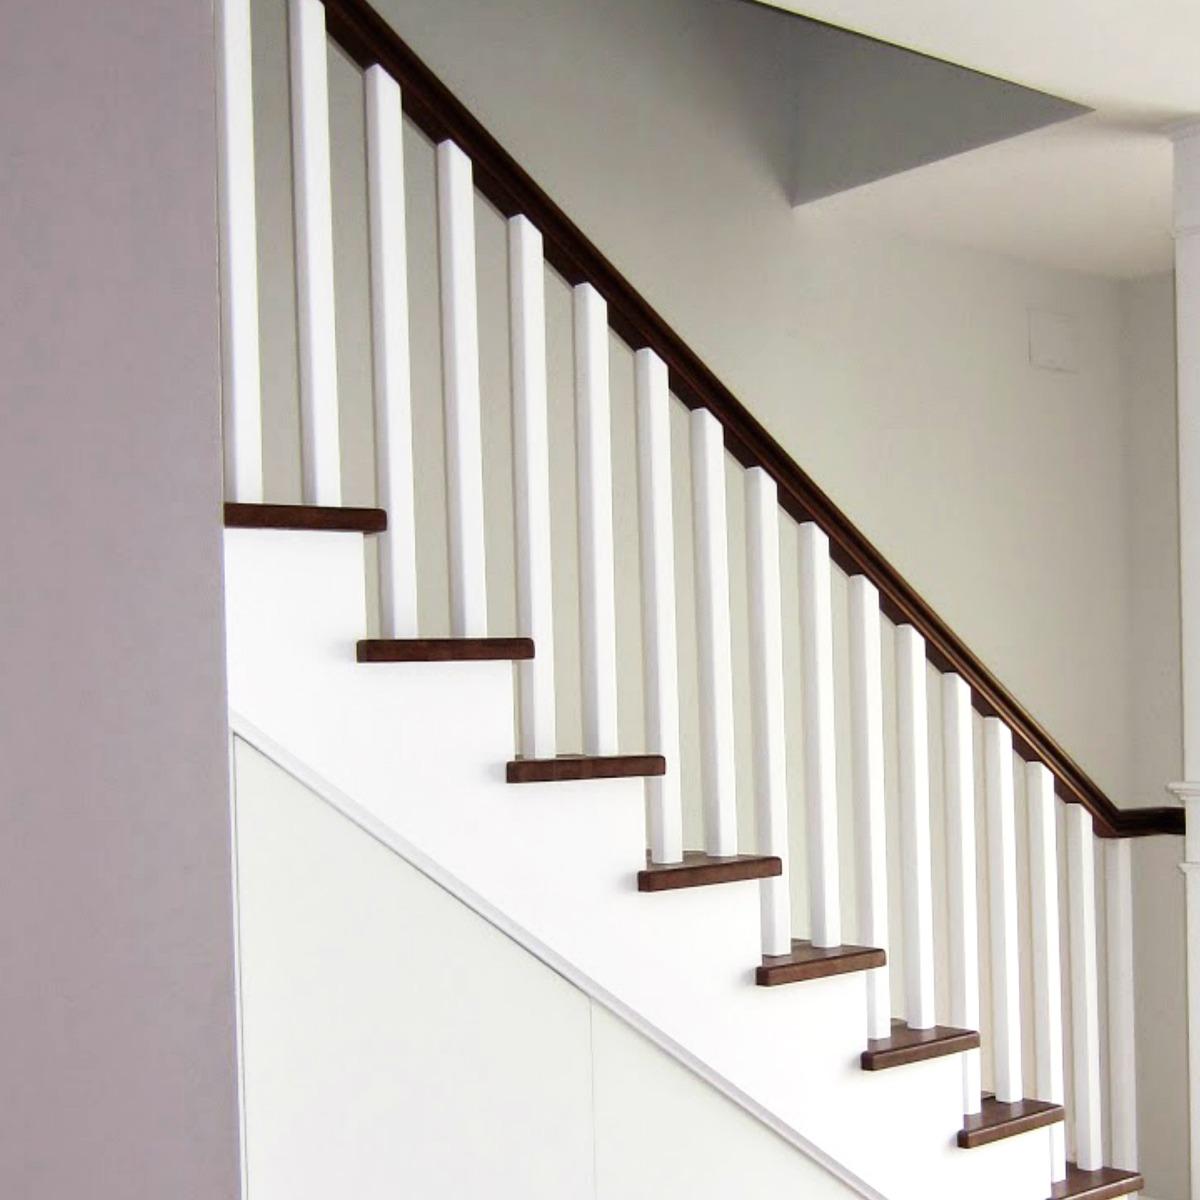 balustres madera pino columnas pasamanos barandas escaleras